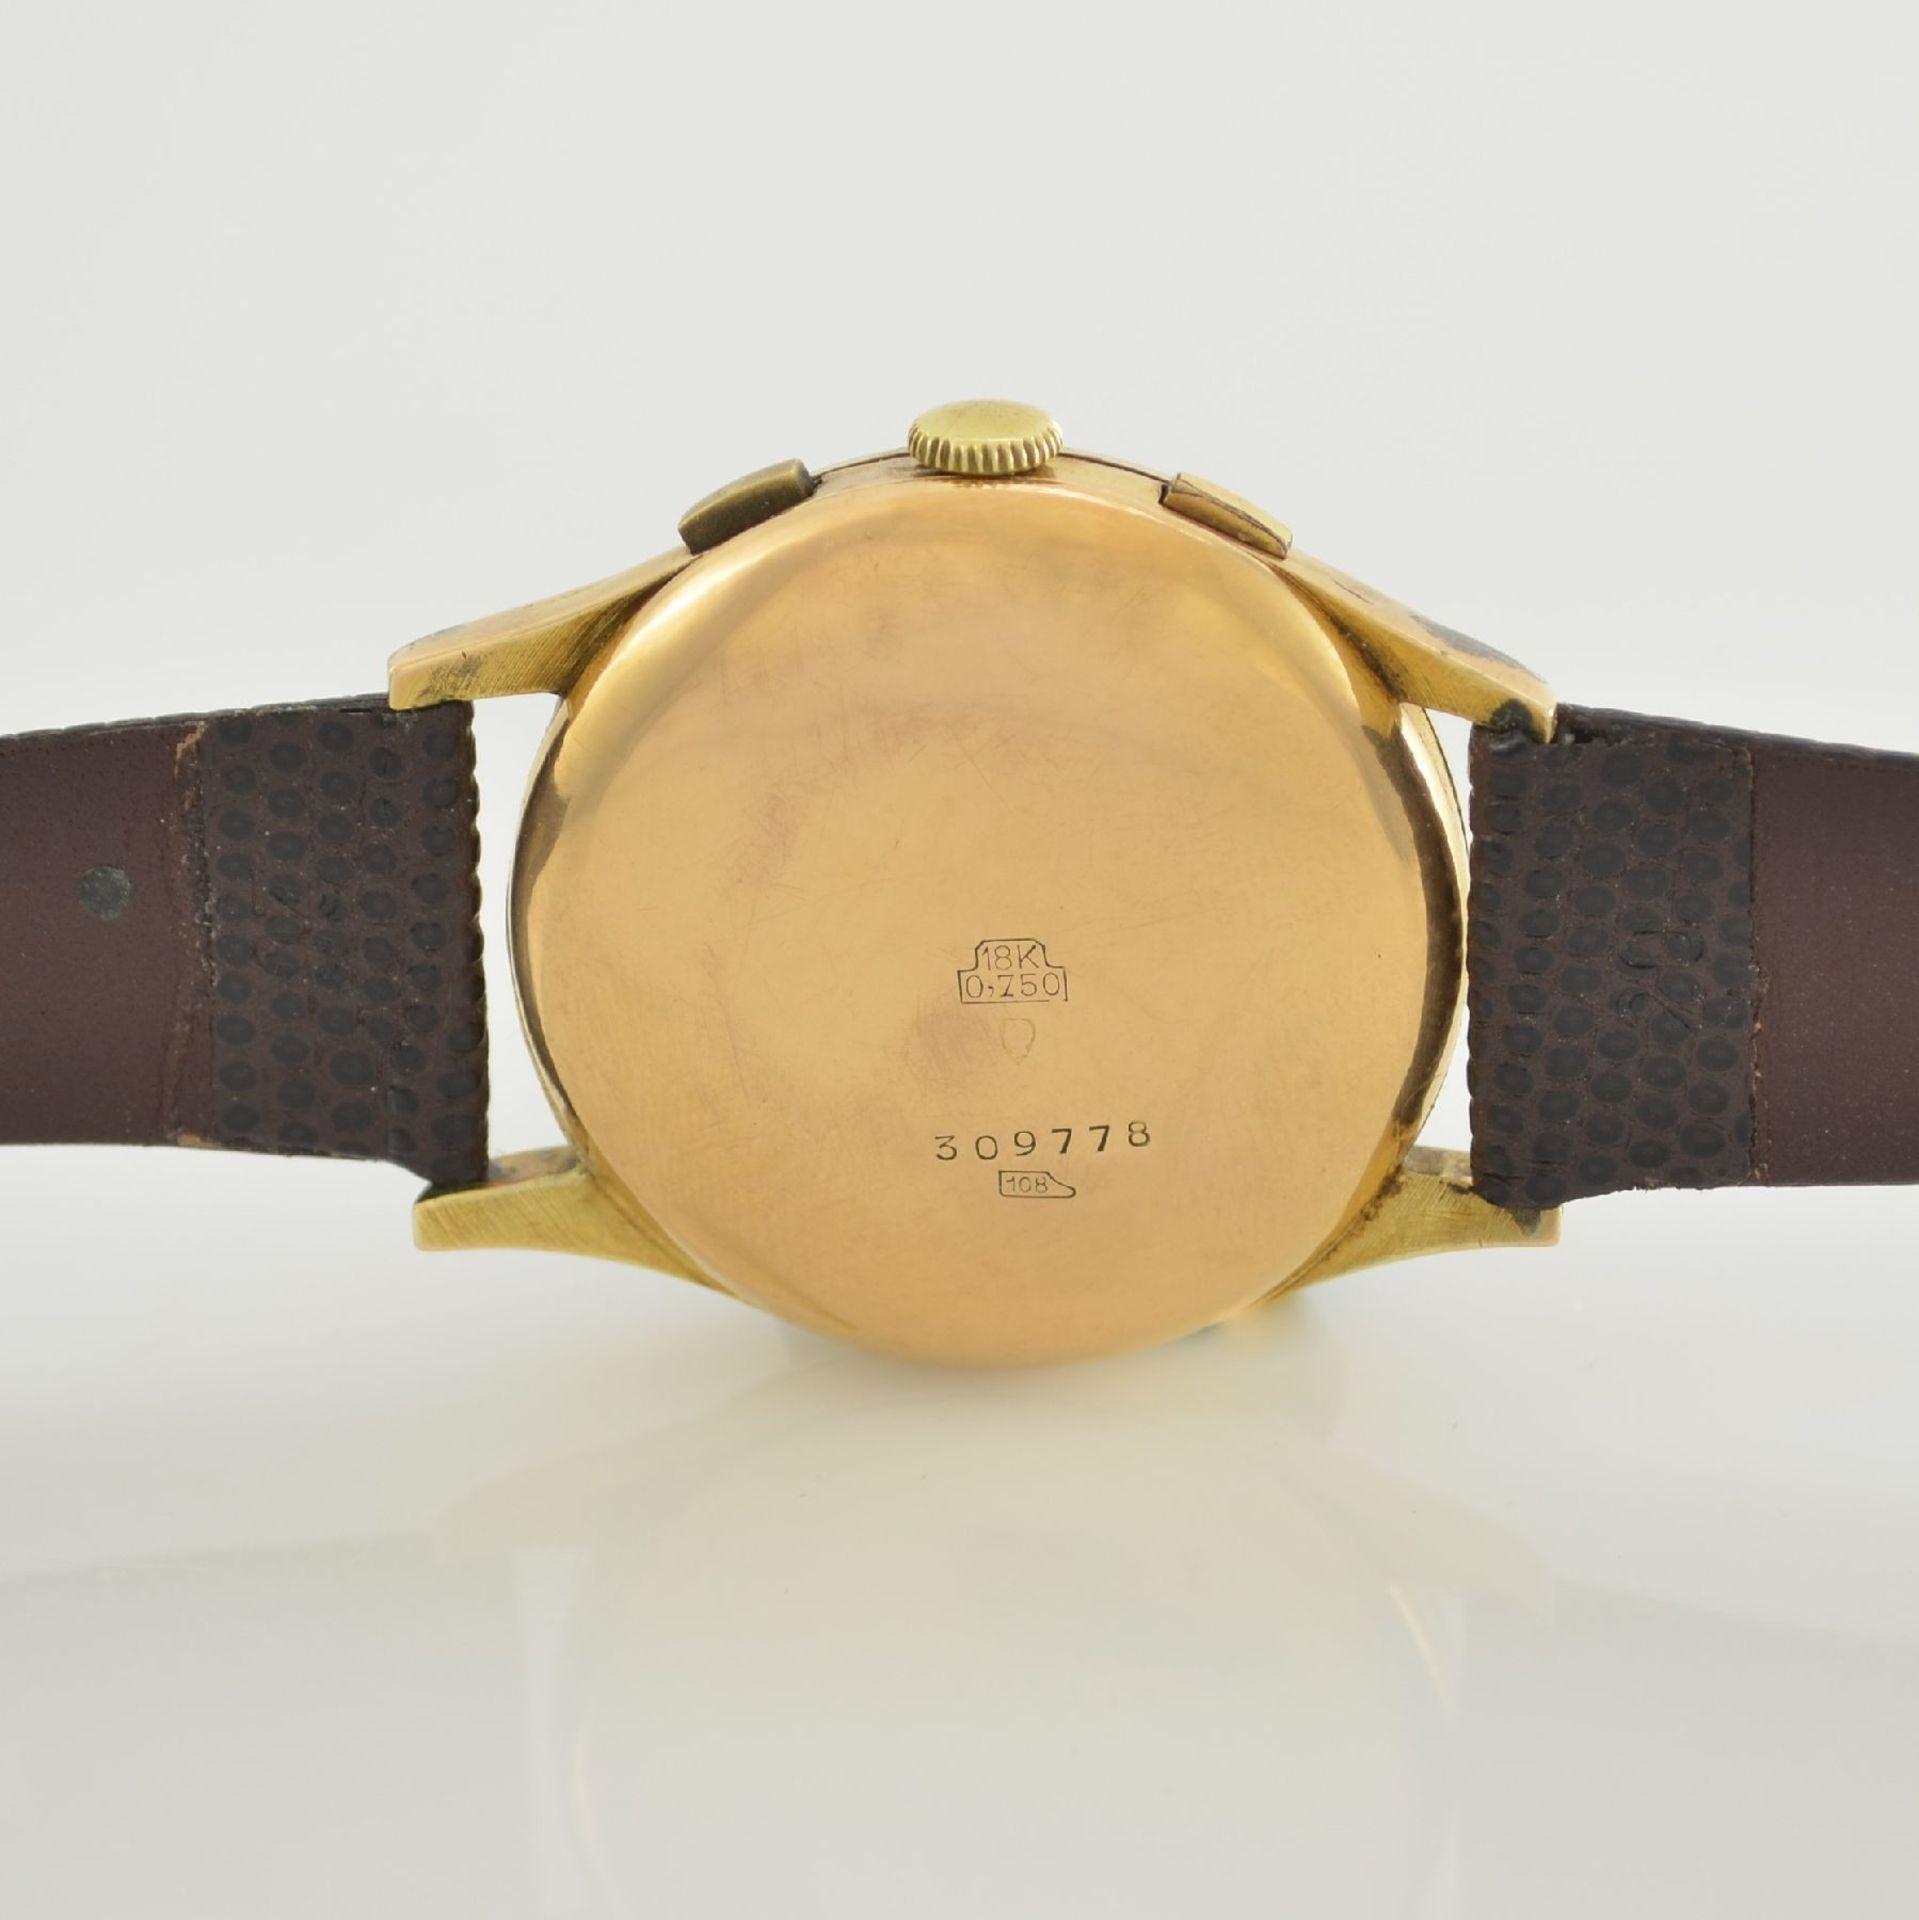 JOLUS Armbandchronograph in RoseG 750/000, Handaufzug, Schweiz um 1948, Boden & verg. Glasrand - Bild 7 aus 8